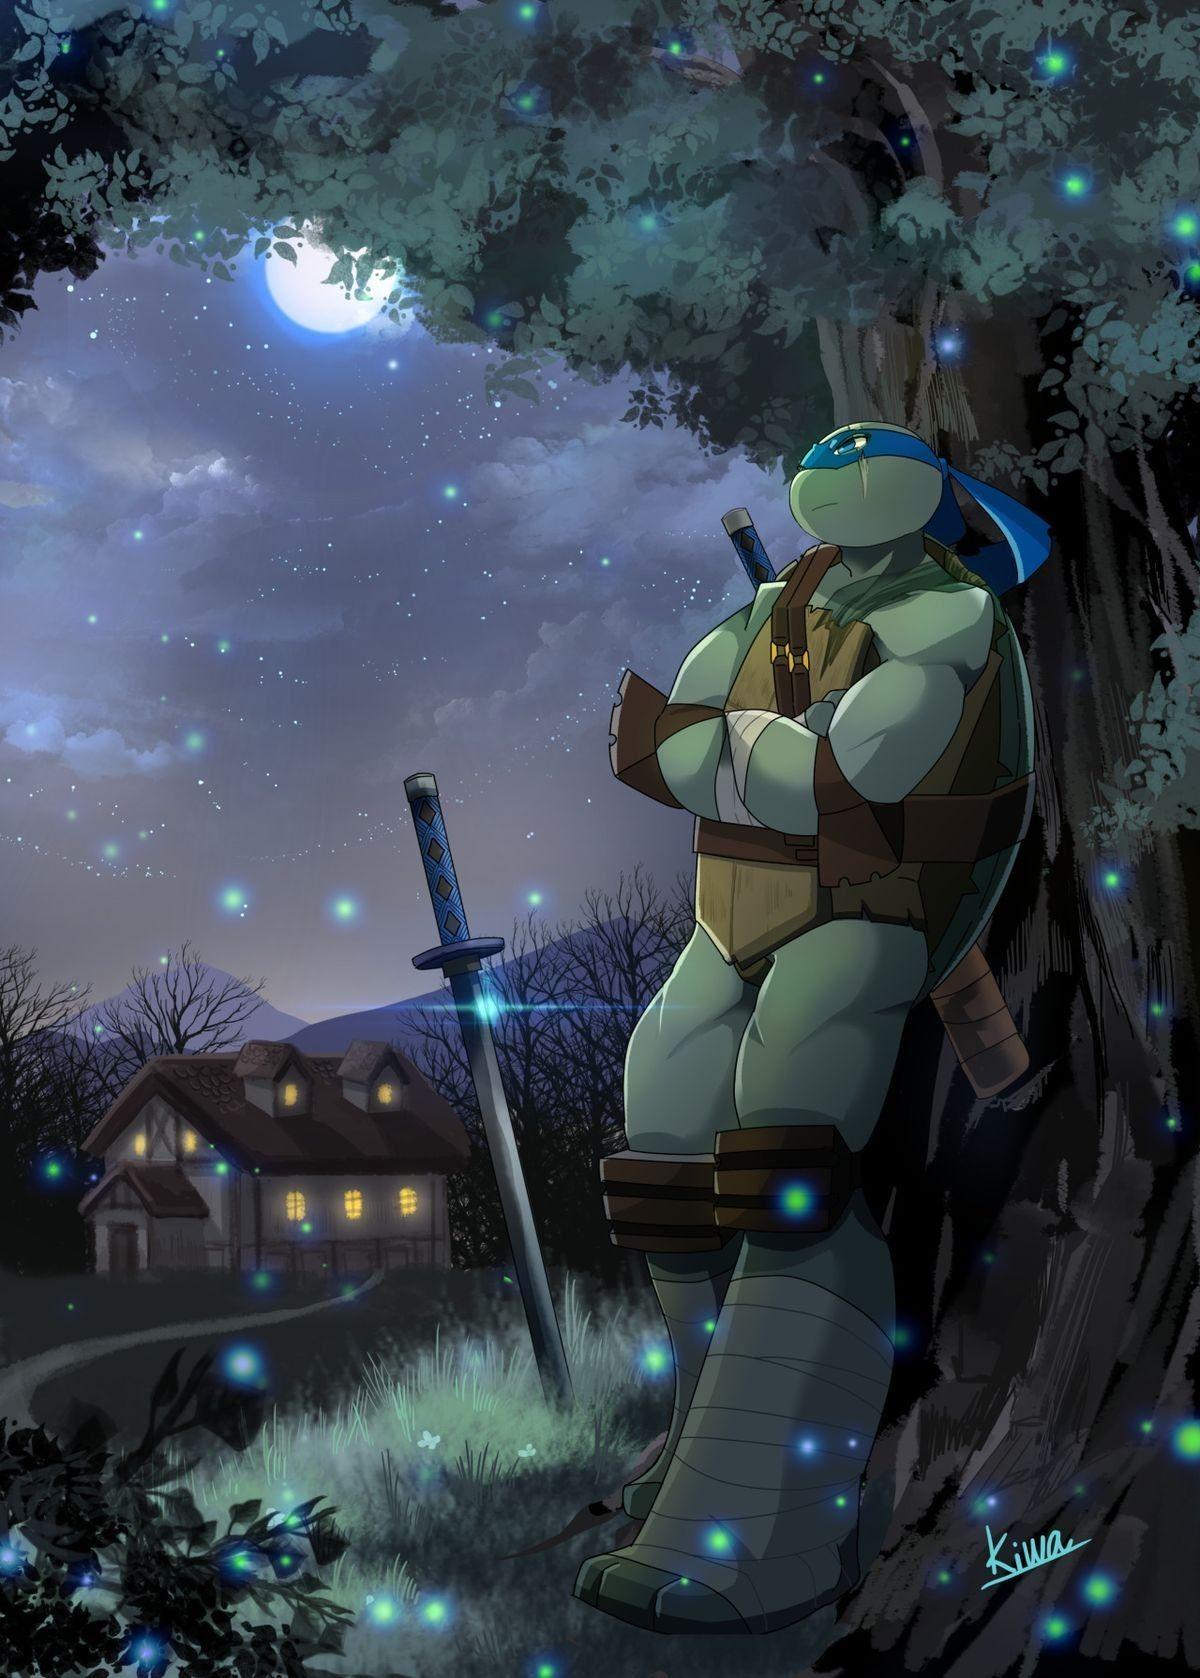 Pin By Sarah N Clark On Tmnt Teenage Mutant Ninja Turtles Art